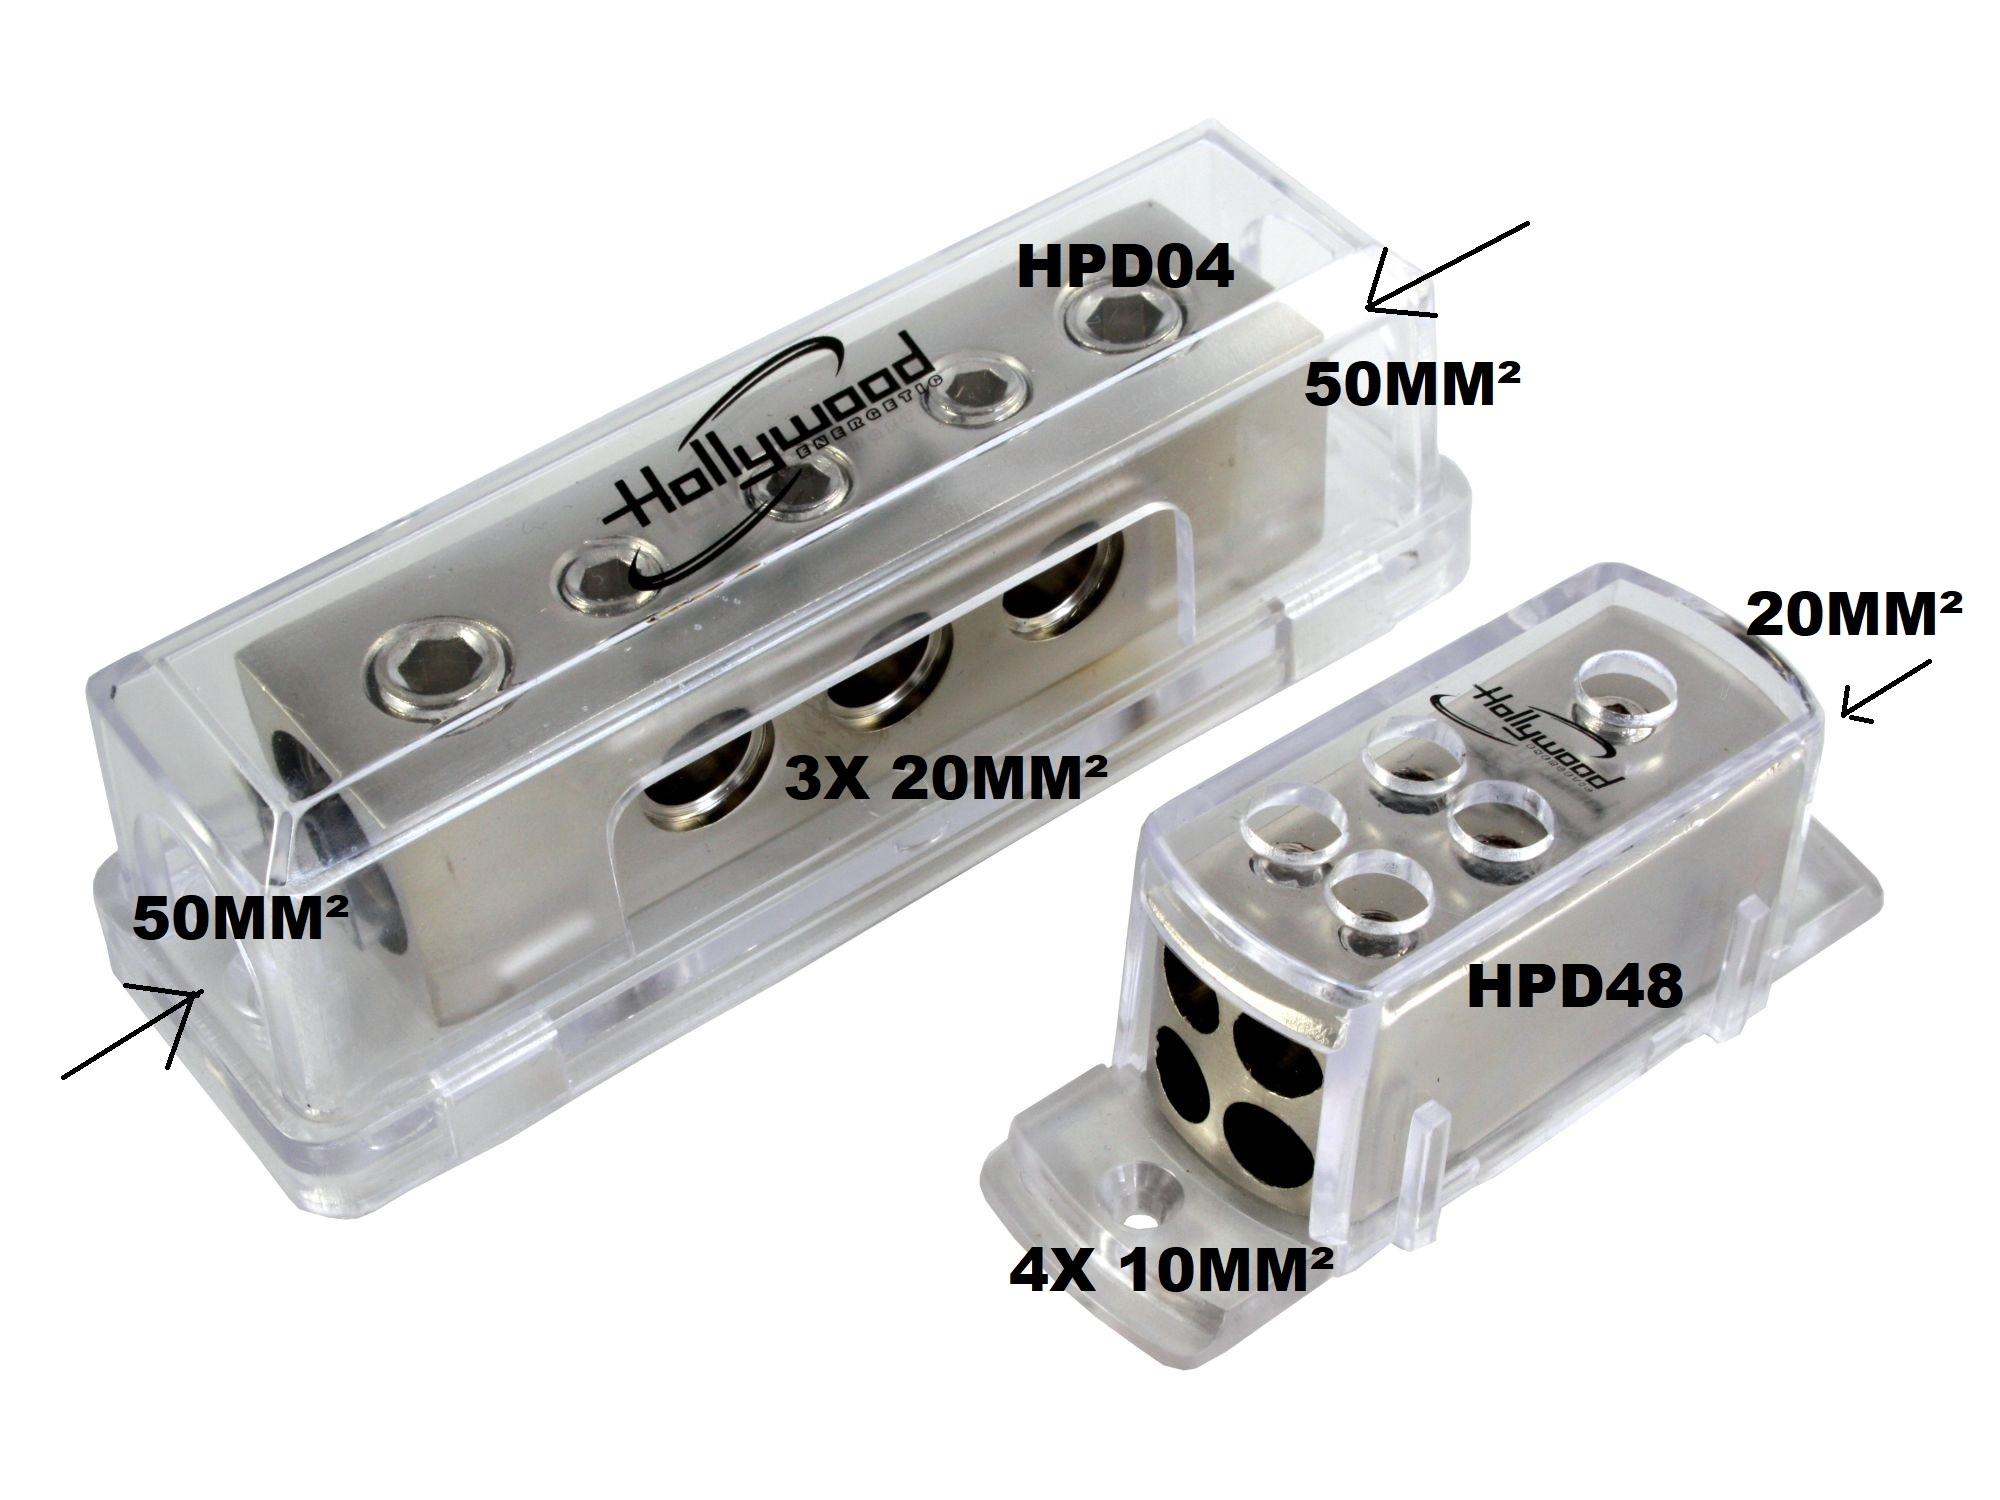 HPD48 verdeel blok